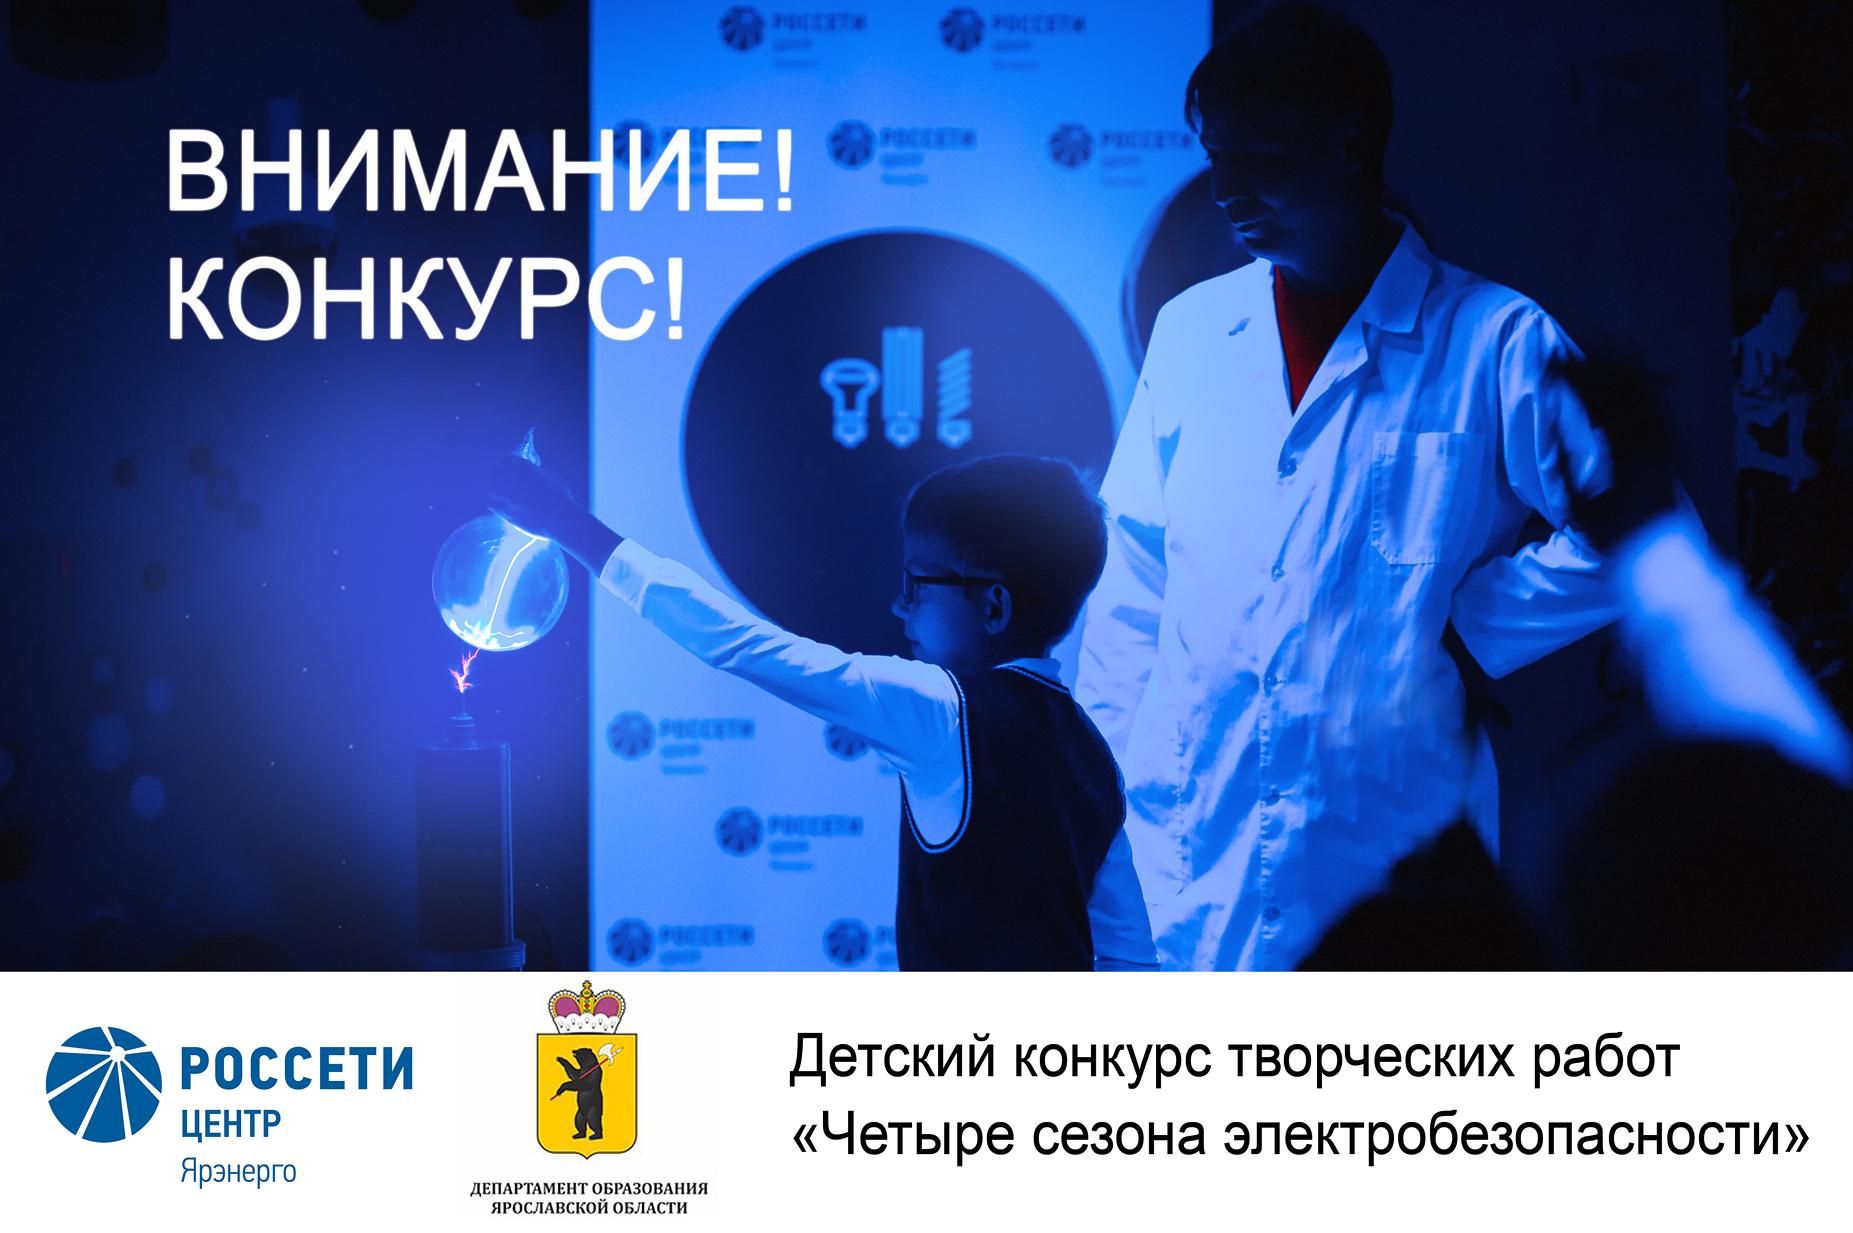 Ярославские энергетики и региональный департамент образования запускают детский творческий конкурс по электробезопасности